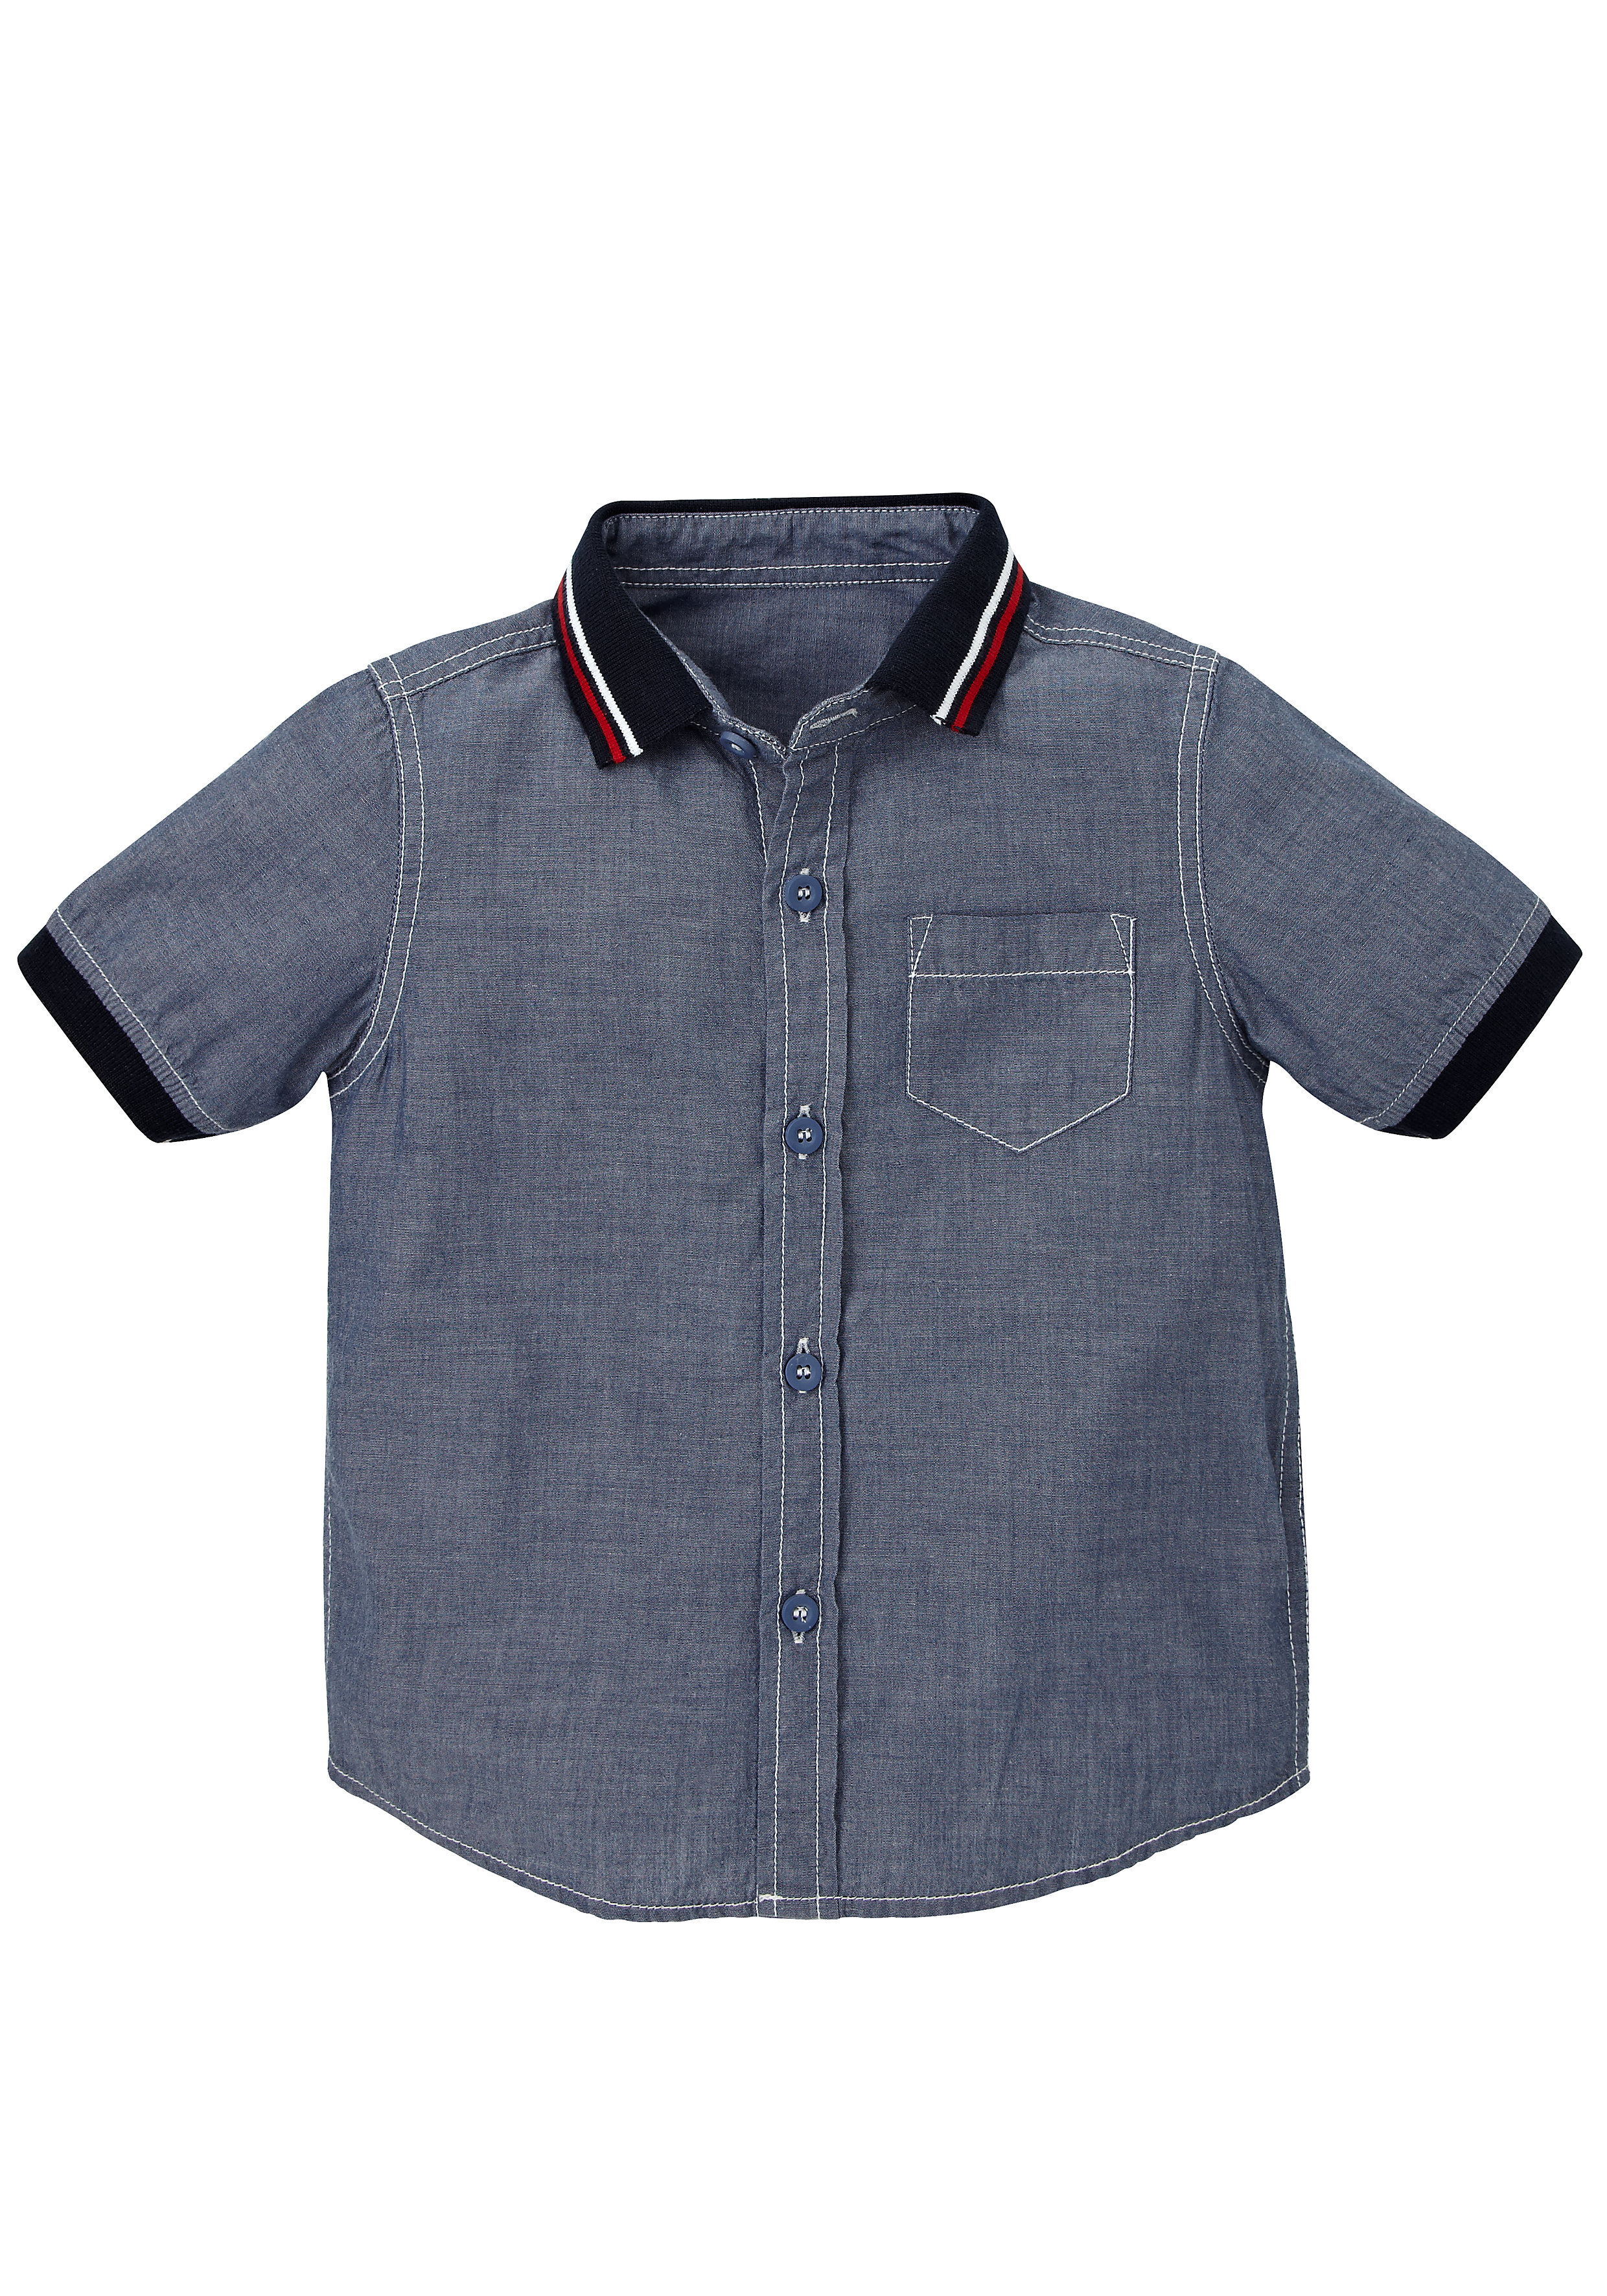 Mothercare | Boys Half Sleeves Chambray Shirt Ribbed Collar - Navy